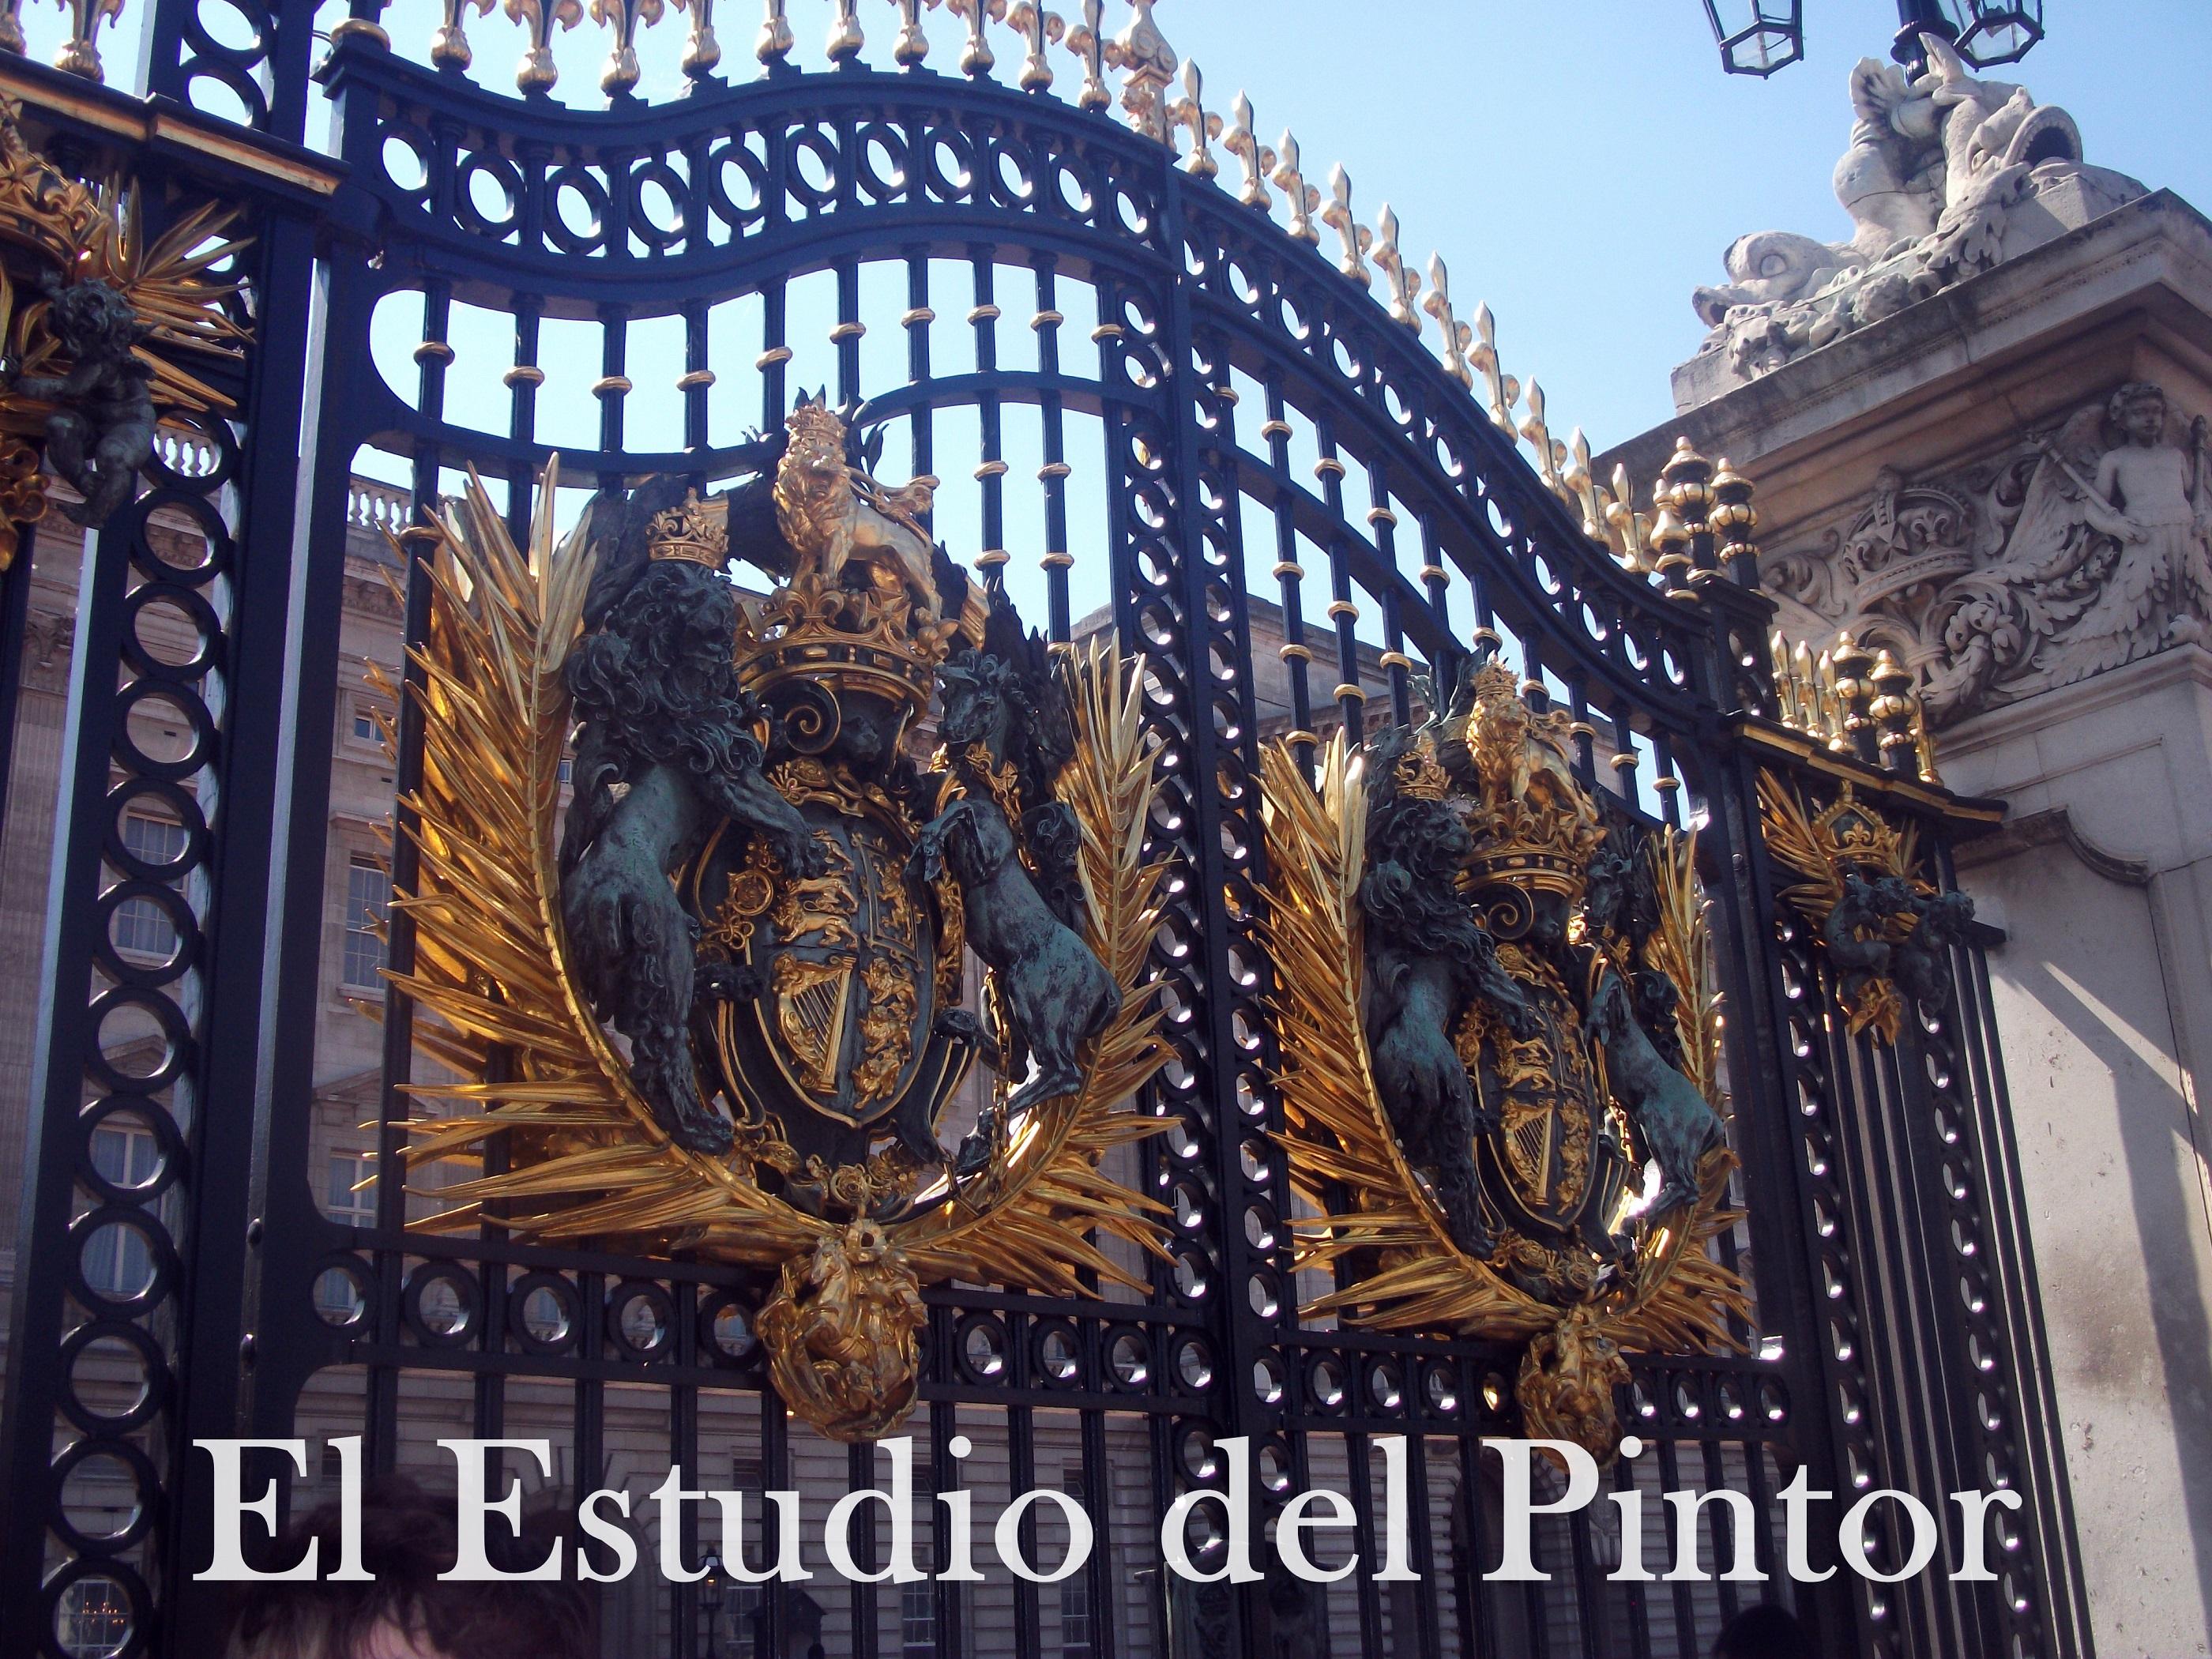 3. Buckingham Palace